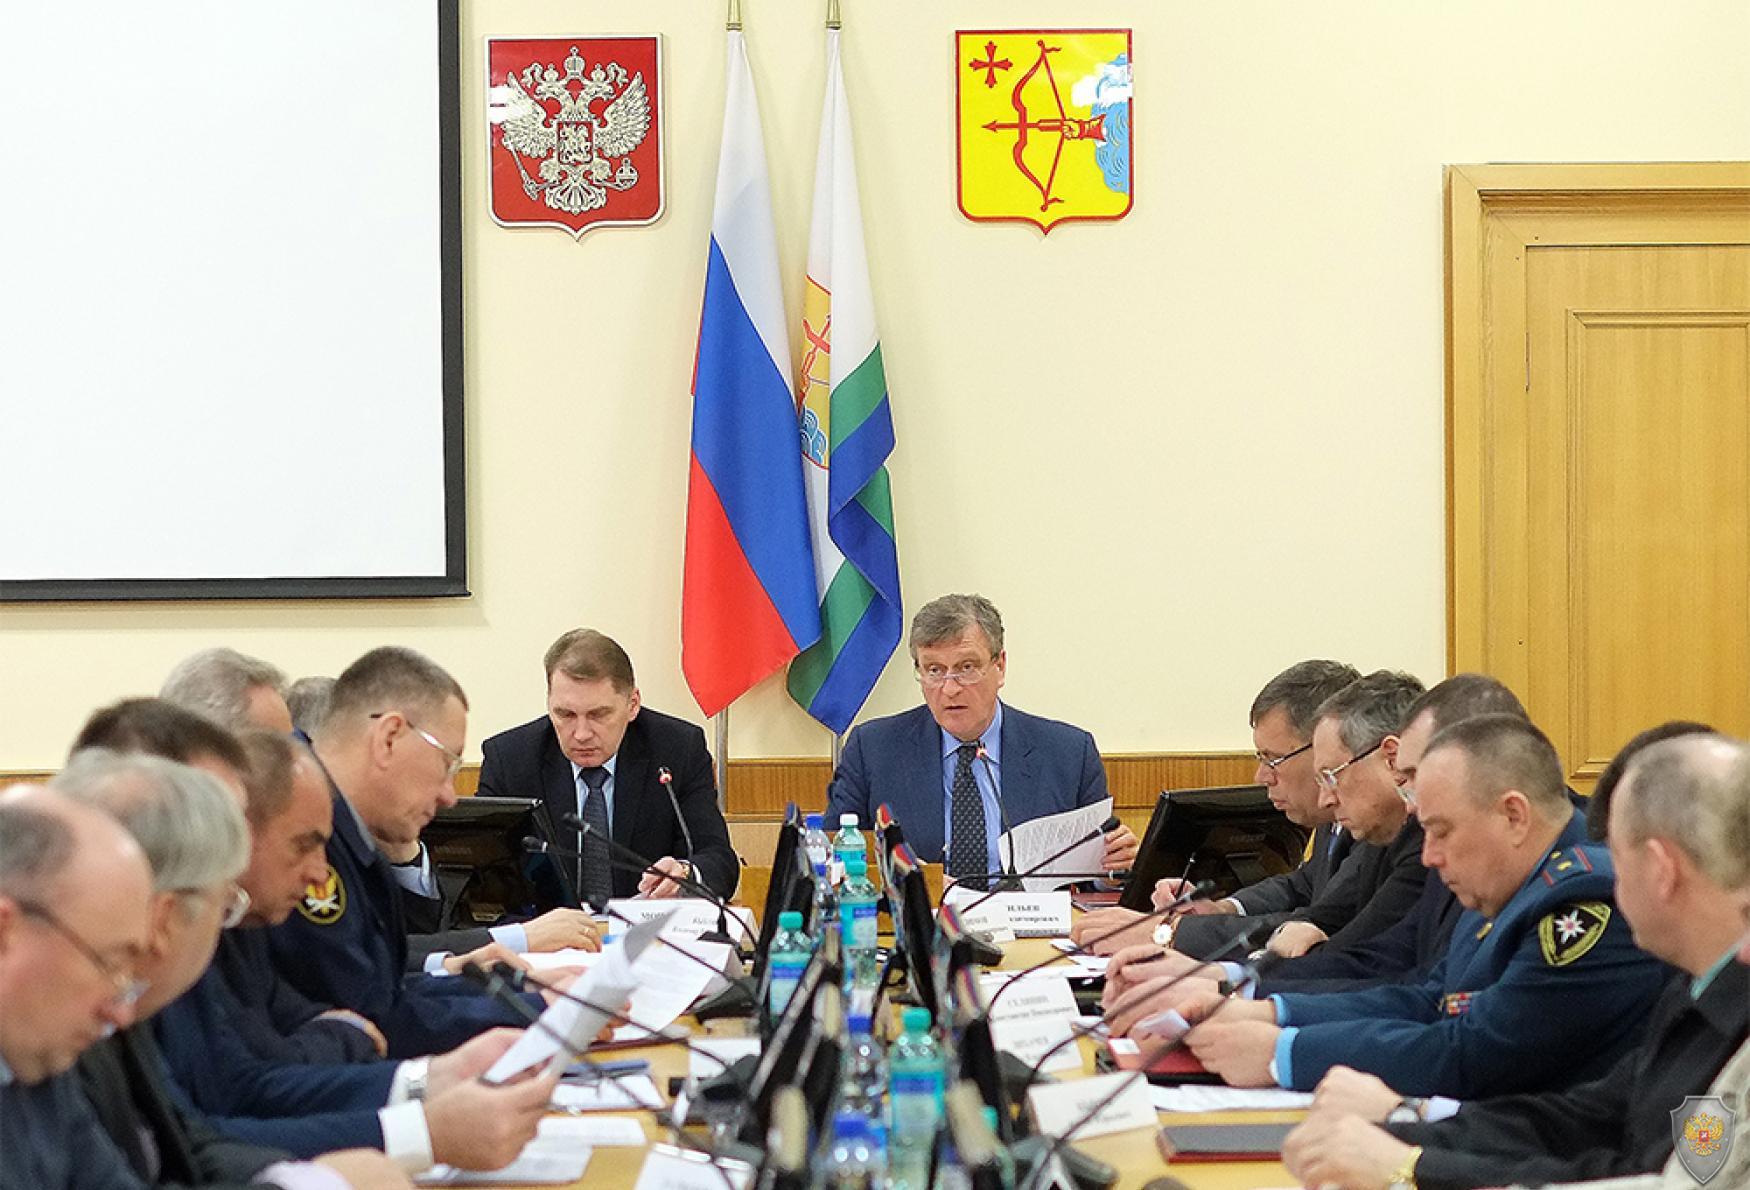 Совместное заседание антитеррористической комиссии в Кировской области и оперативного штаба в Кировской области